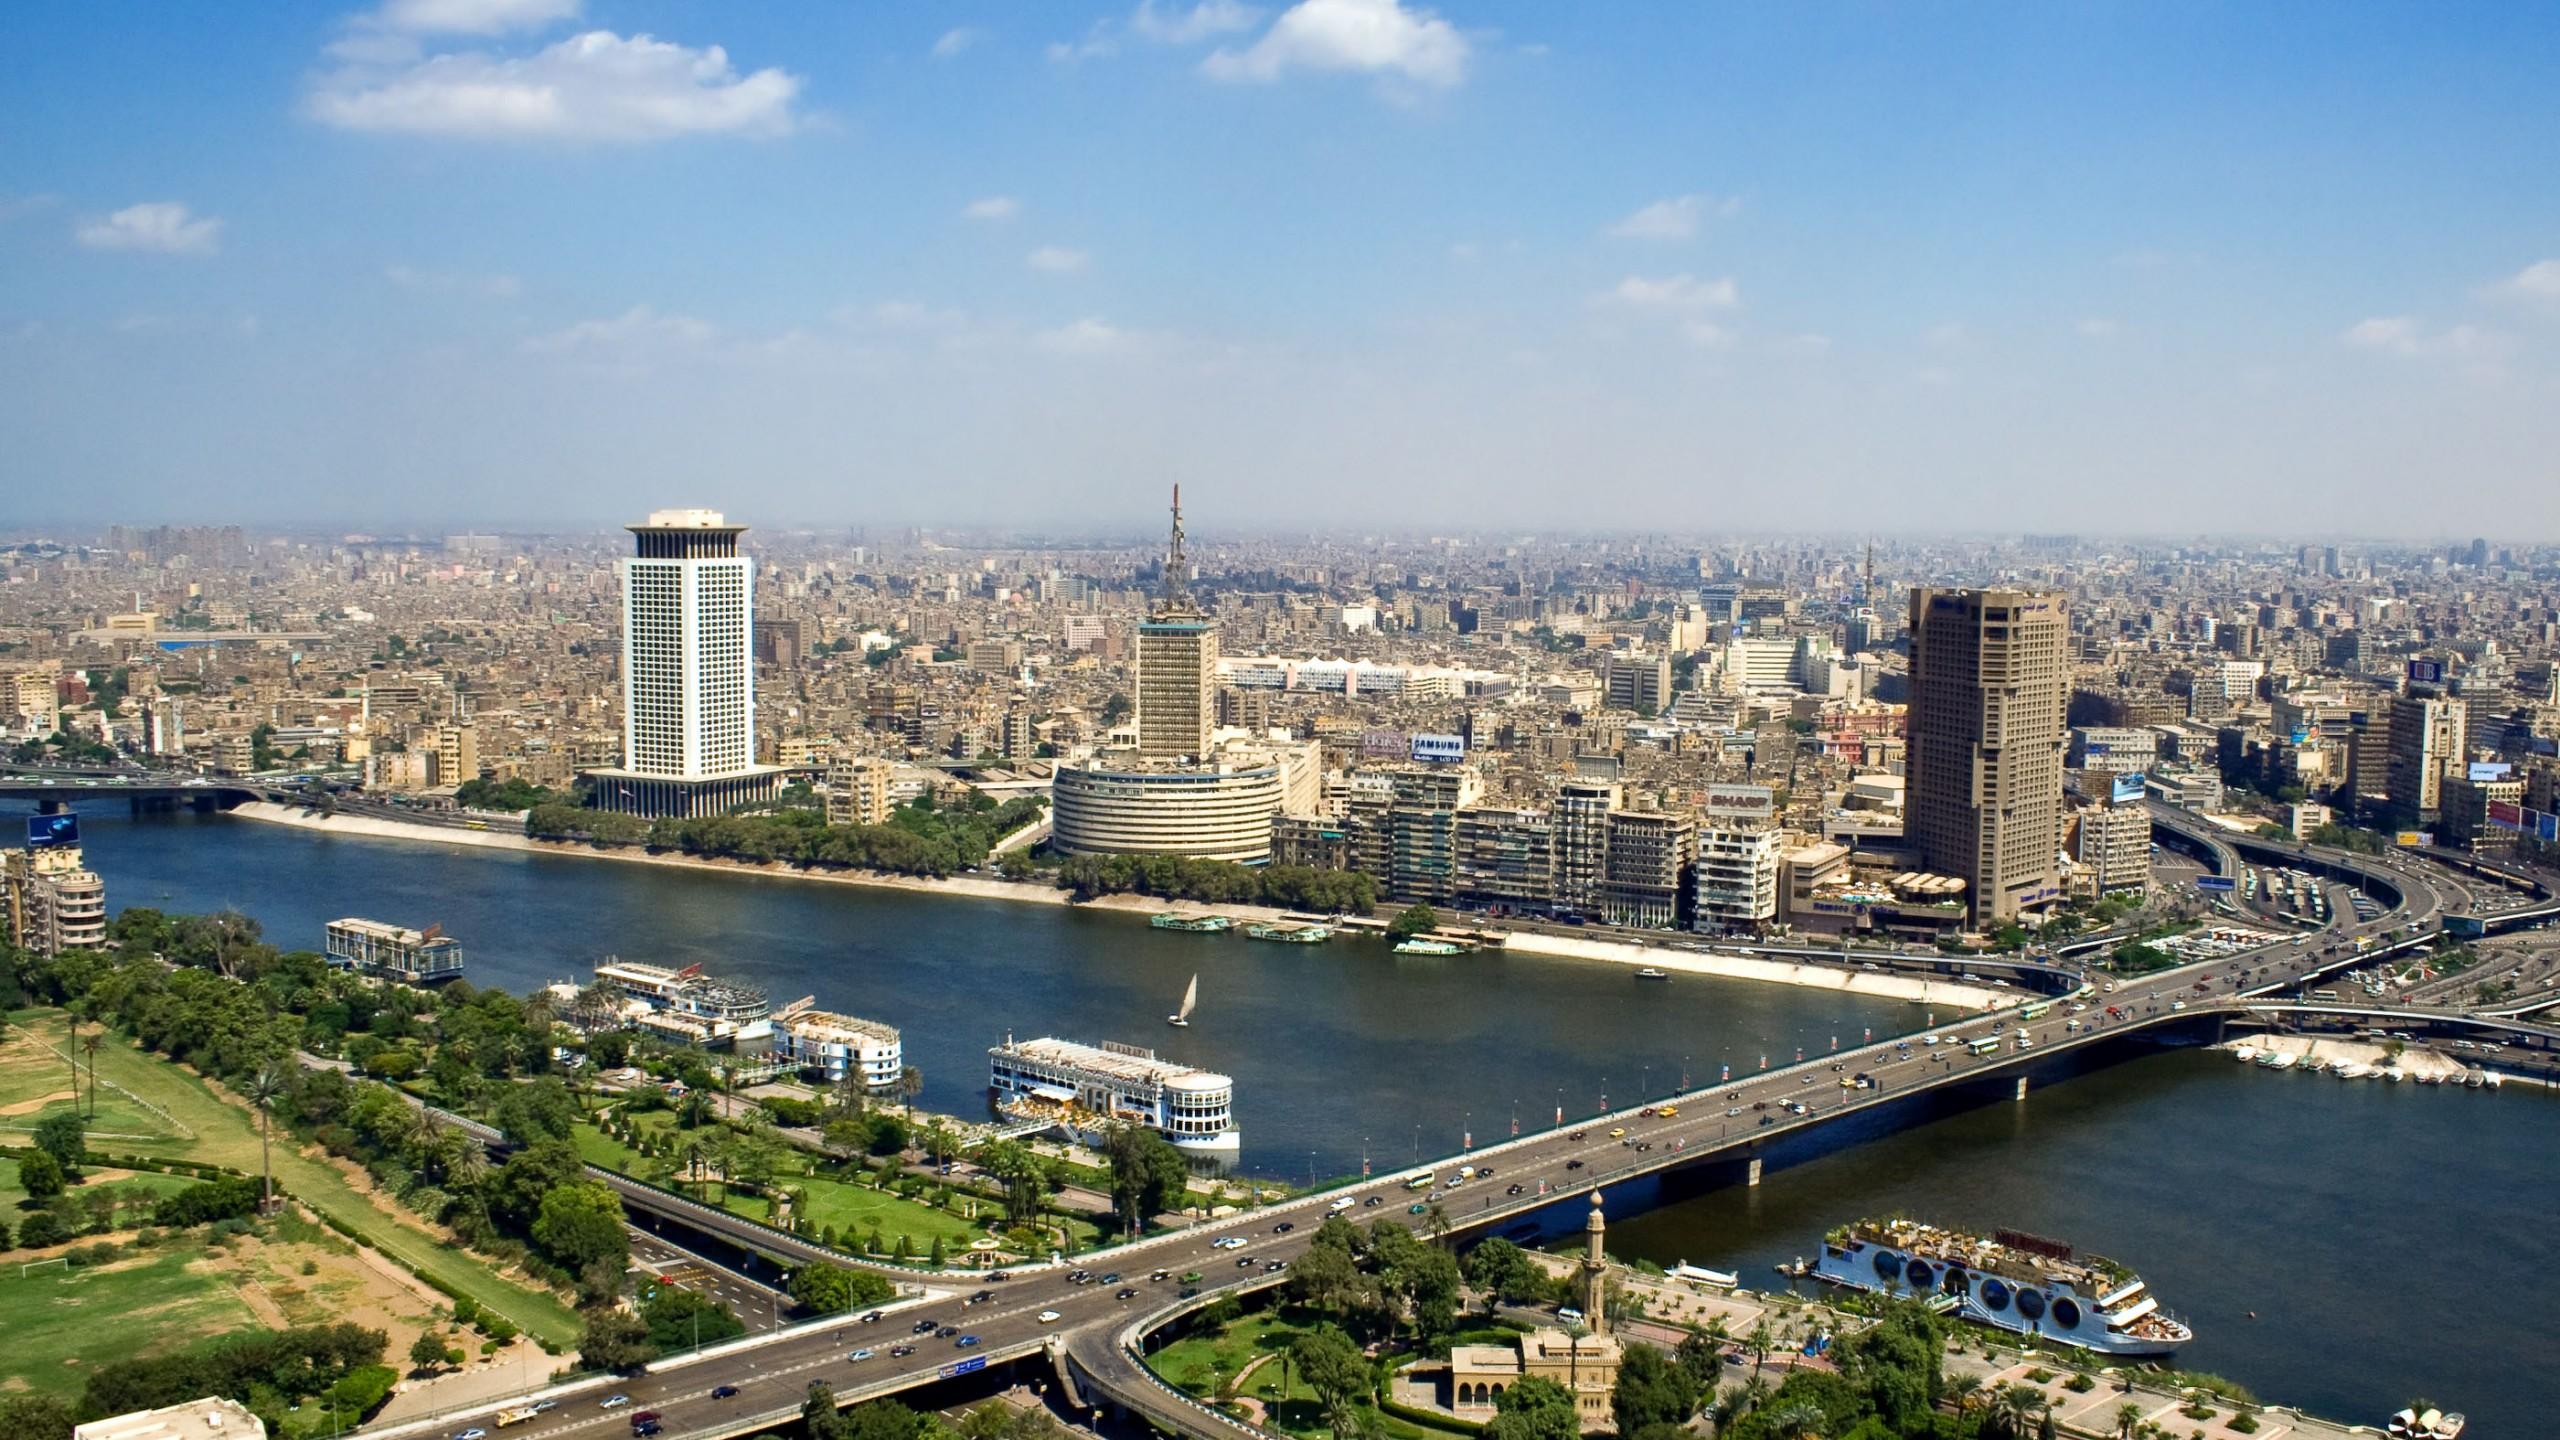 le_caire_egypte_crise